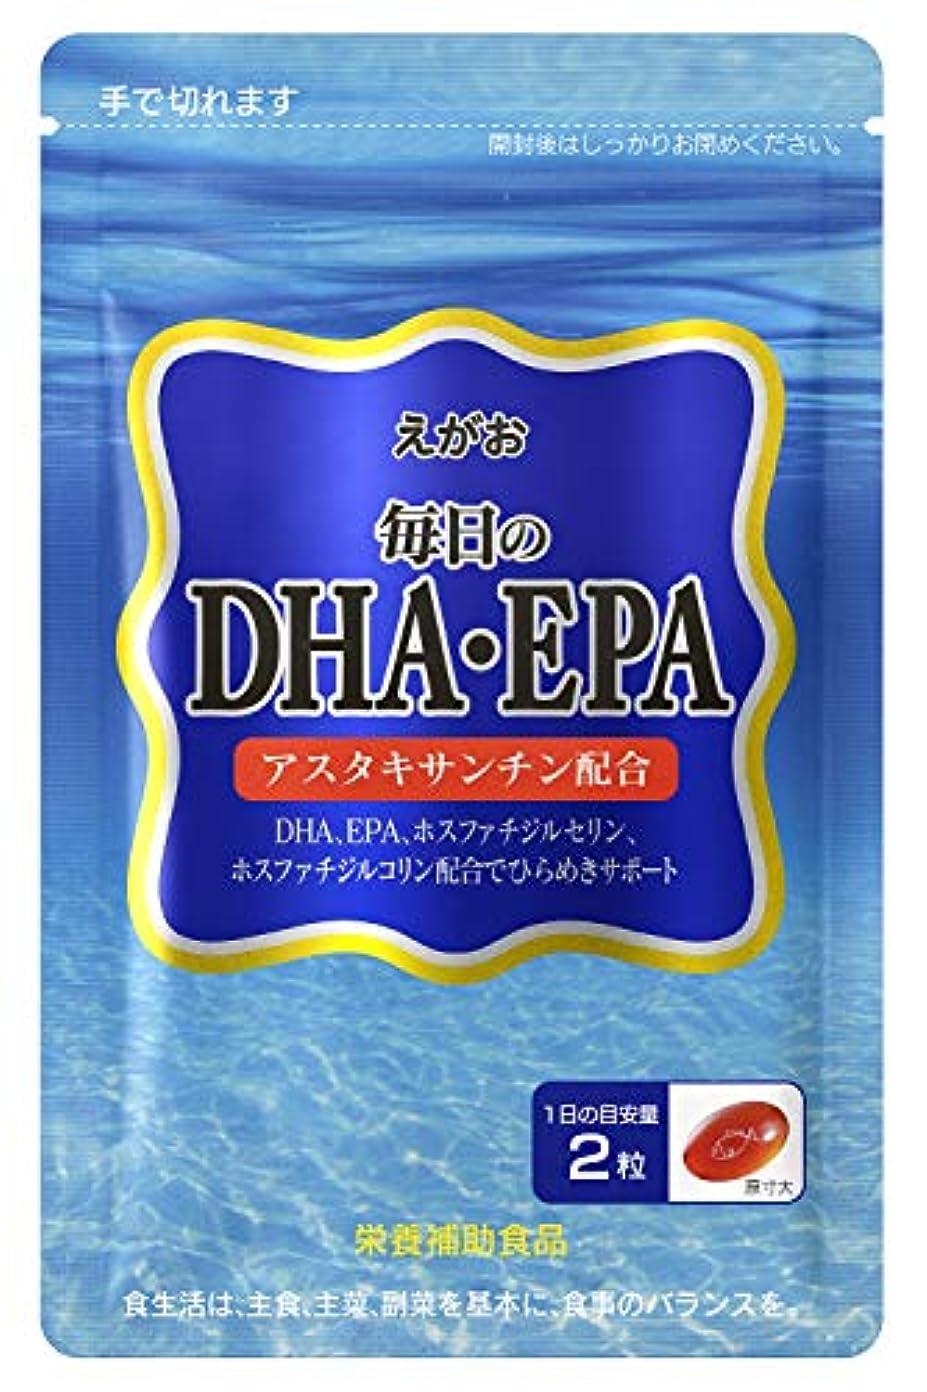 えがお 毎日の DHA ? EPA 【1袋】(1袋/62粒入り 約1ヵ月分) 栄養補助食品